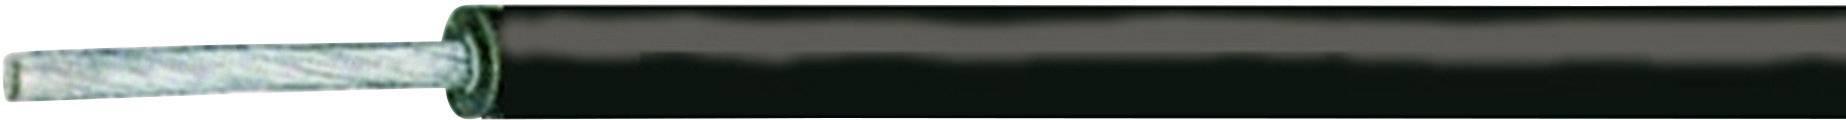 Stikalna žica SiL-SiAF 1 x 4 mm, črna XBK Kabel cena za meter